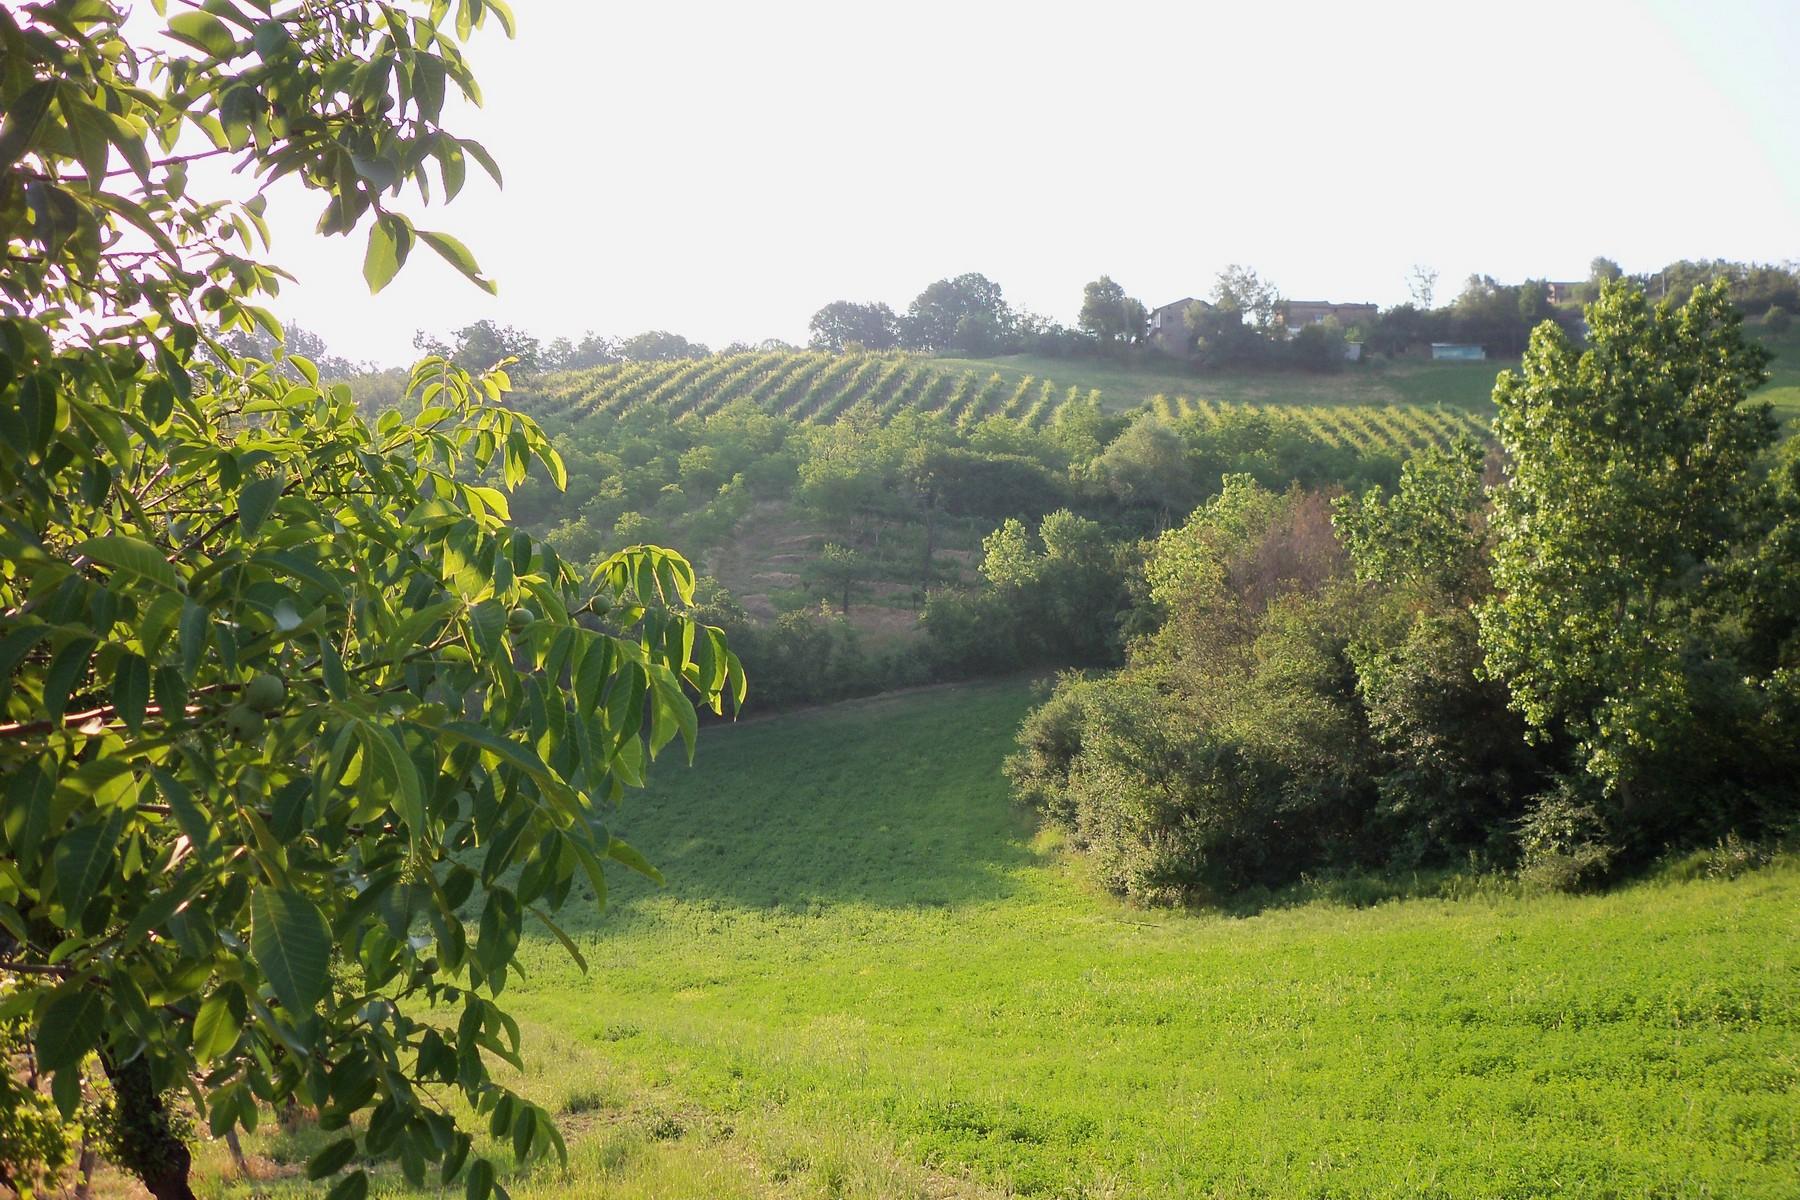 Rustico in Vendita a Castelvetro Di Modena: 5 locali, 3100 mq - Foto 2